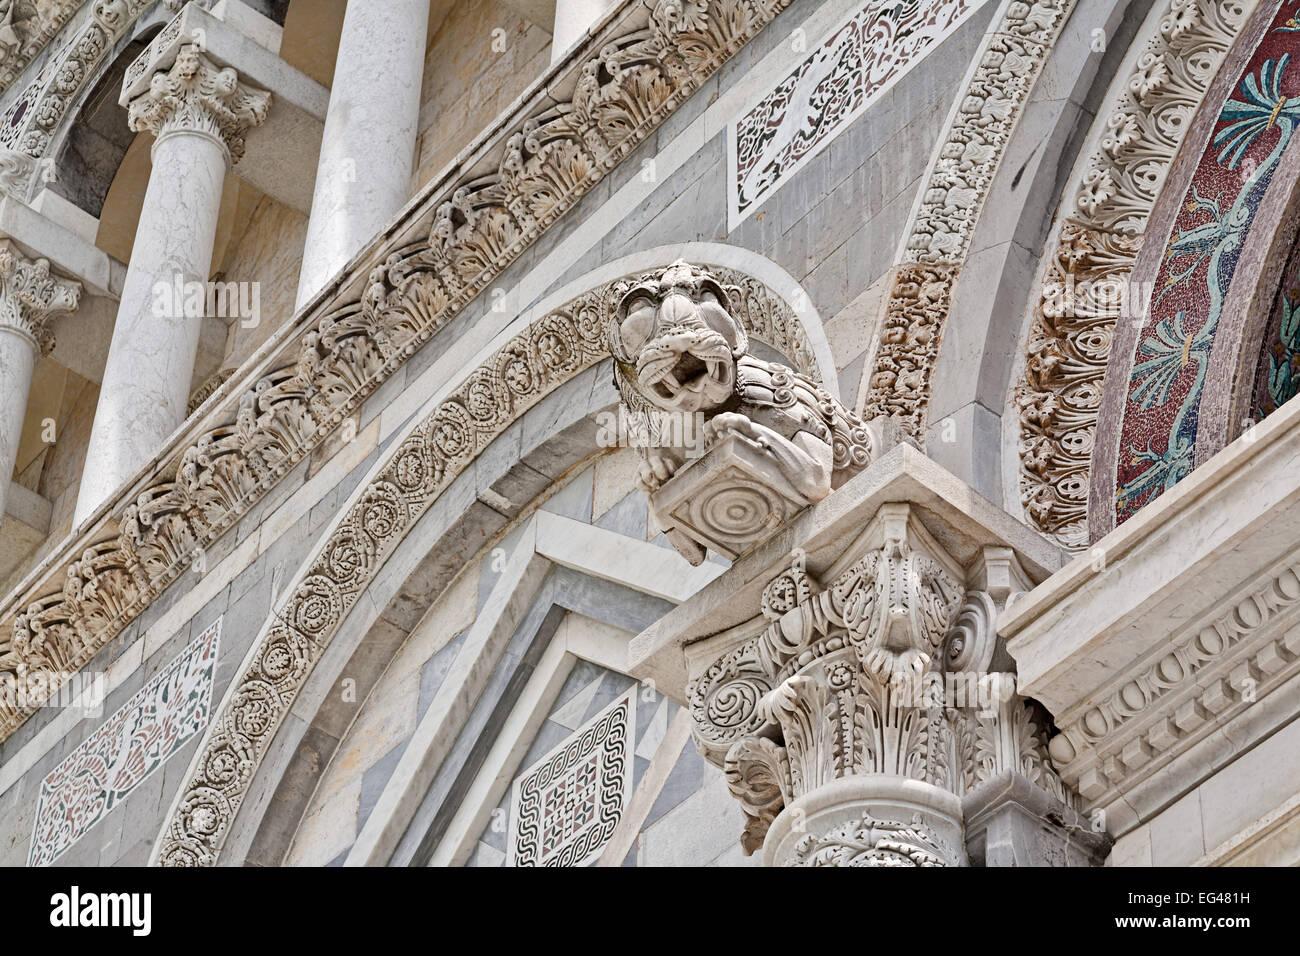 Détail architectural sur le Duomo de Pise en Italie Photo Stock